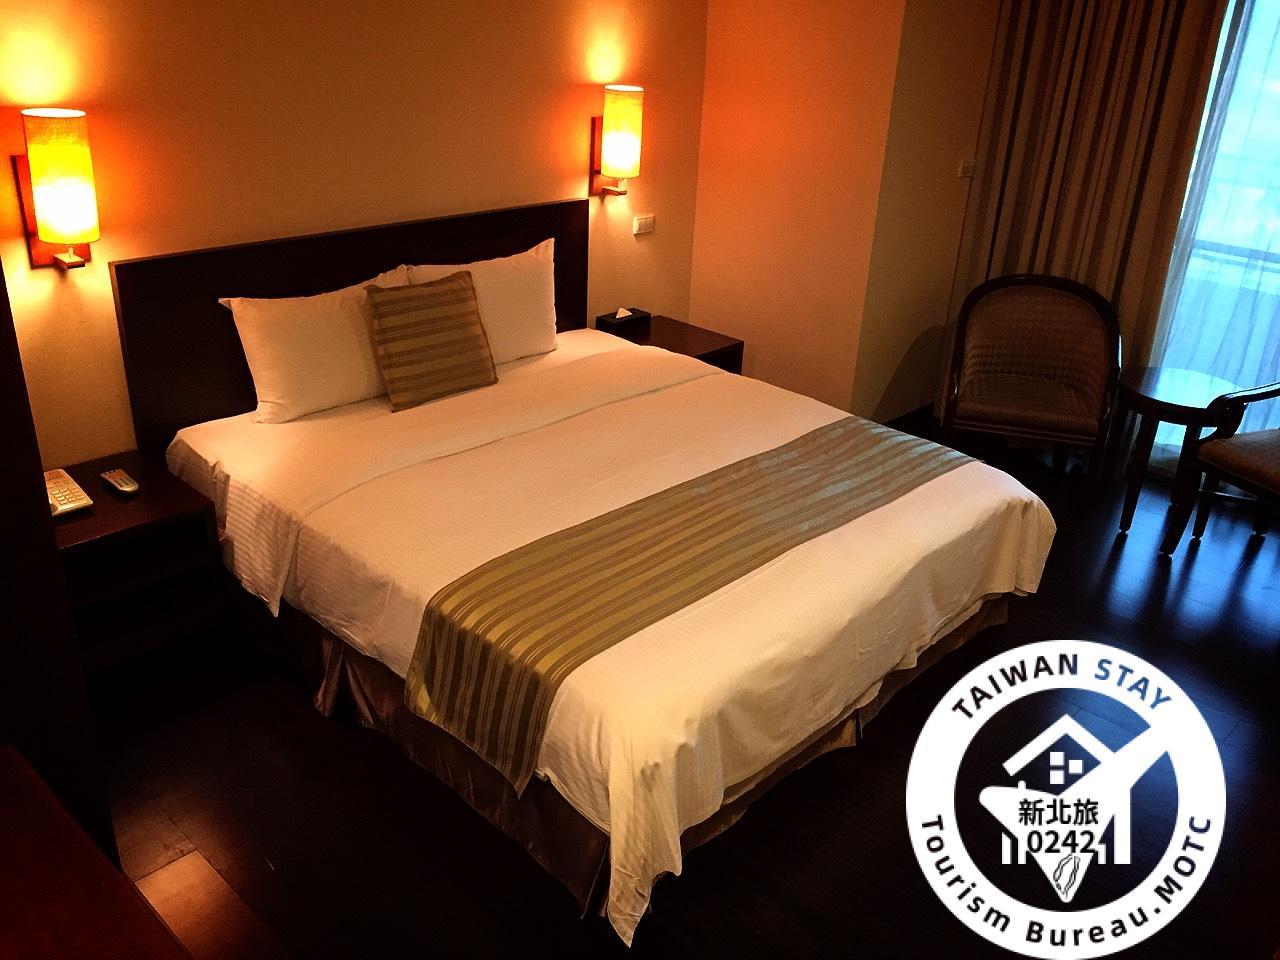 9 HOTEL TAIPEI